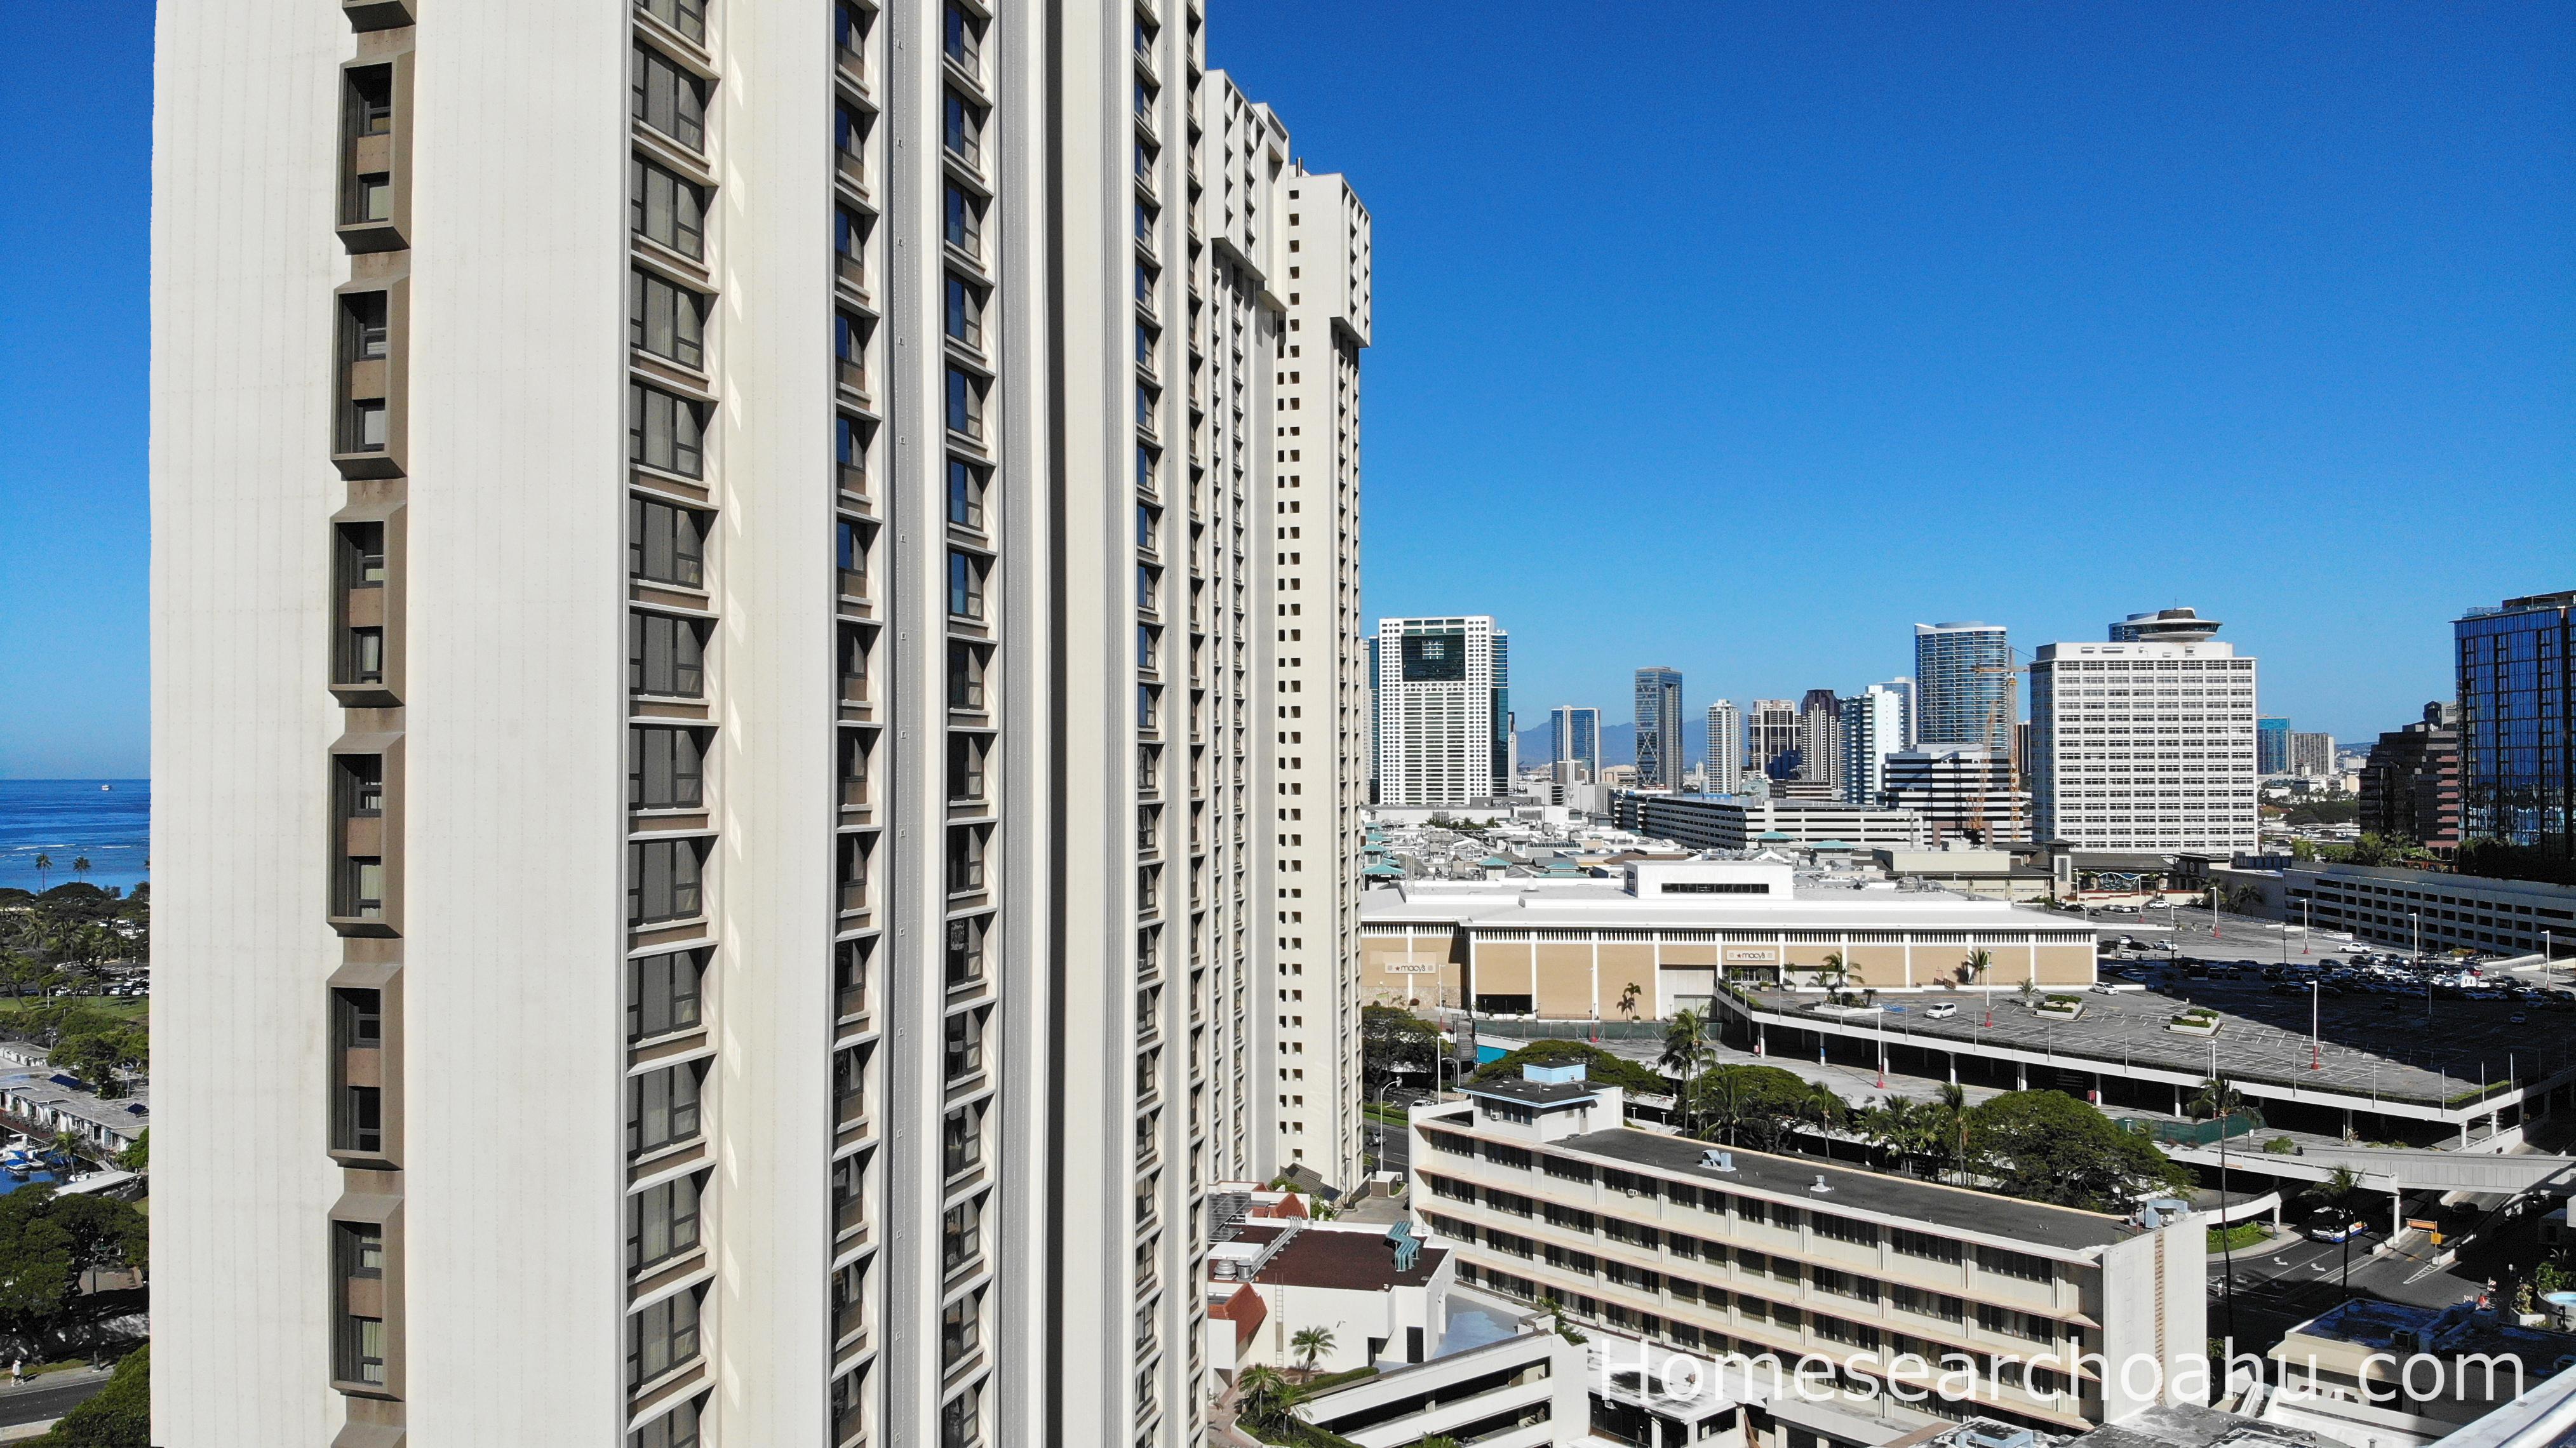 Atkinson Towers Views right facing